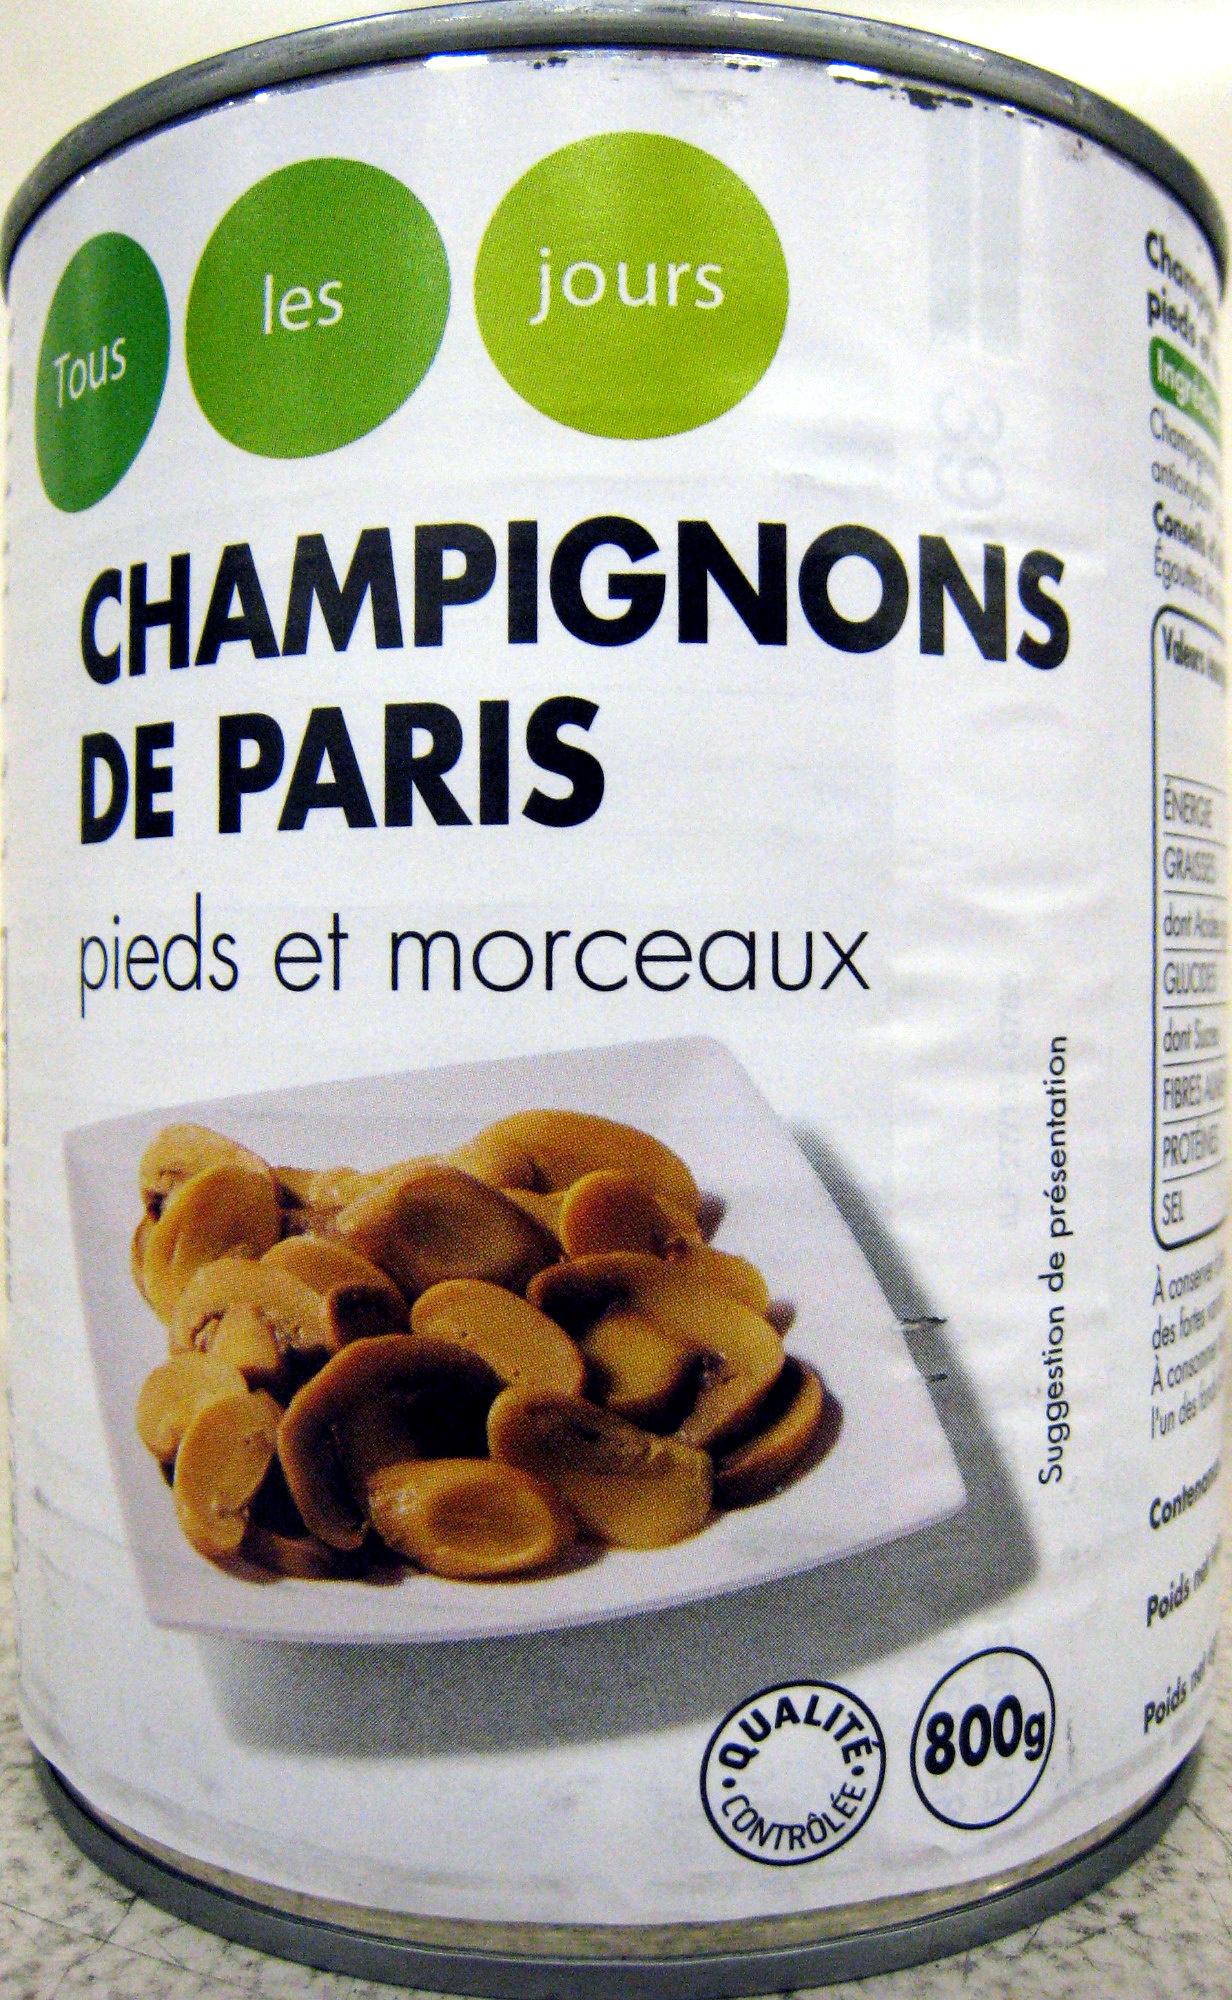 Champignons de Paris pieds et morceaux Tous les jours Casino - Product - fr